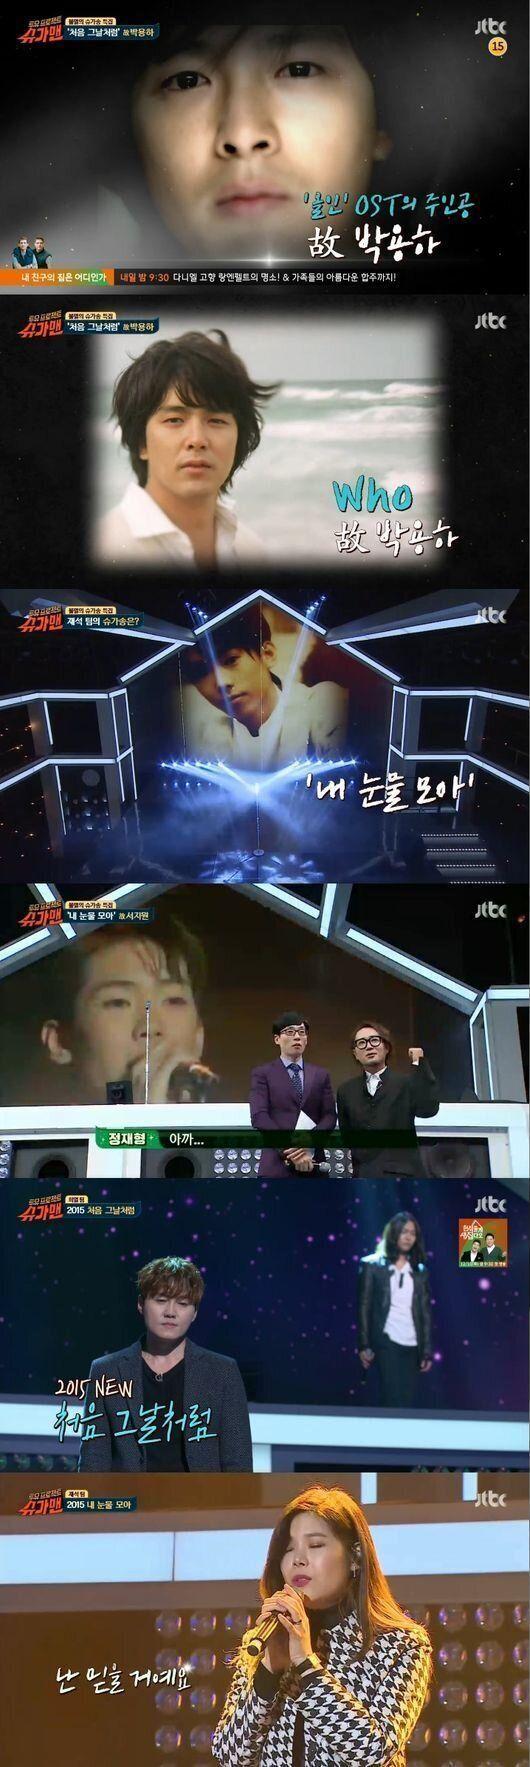 [어저께TV] '슈가맨' 故박용하·서지원을 기억하는 아름다운